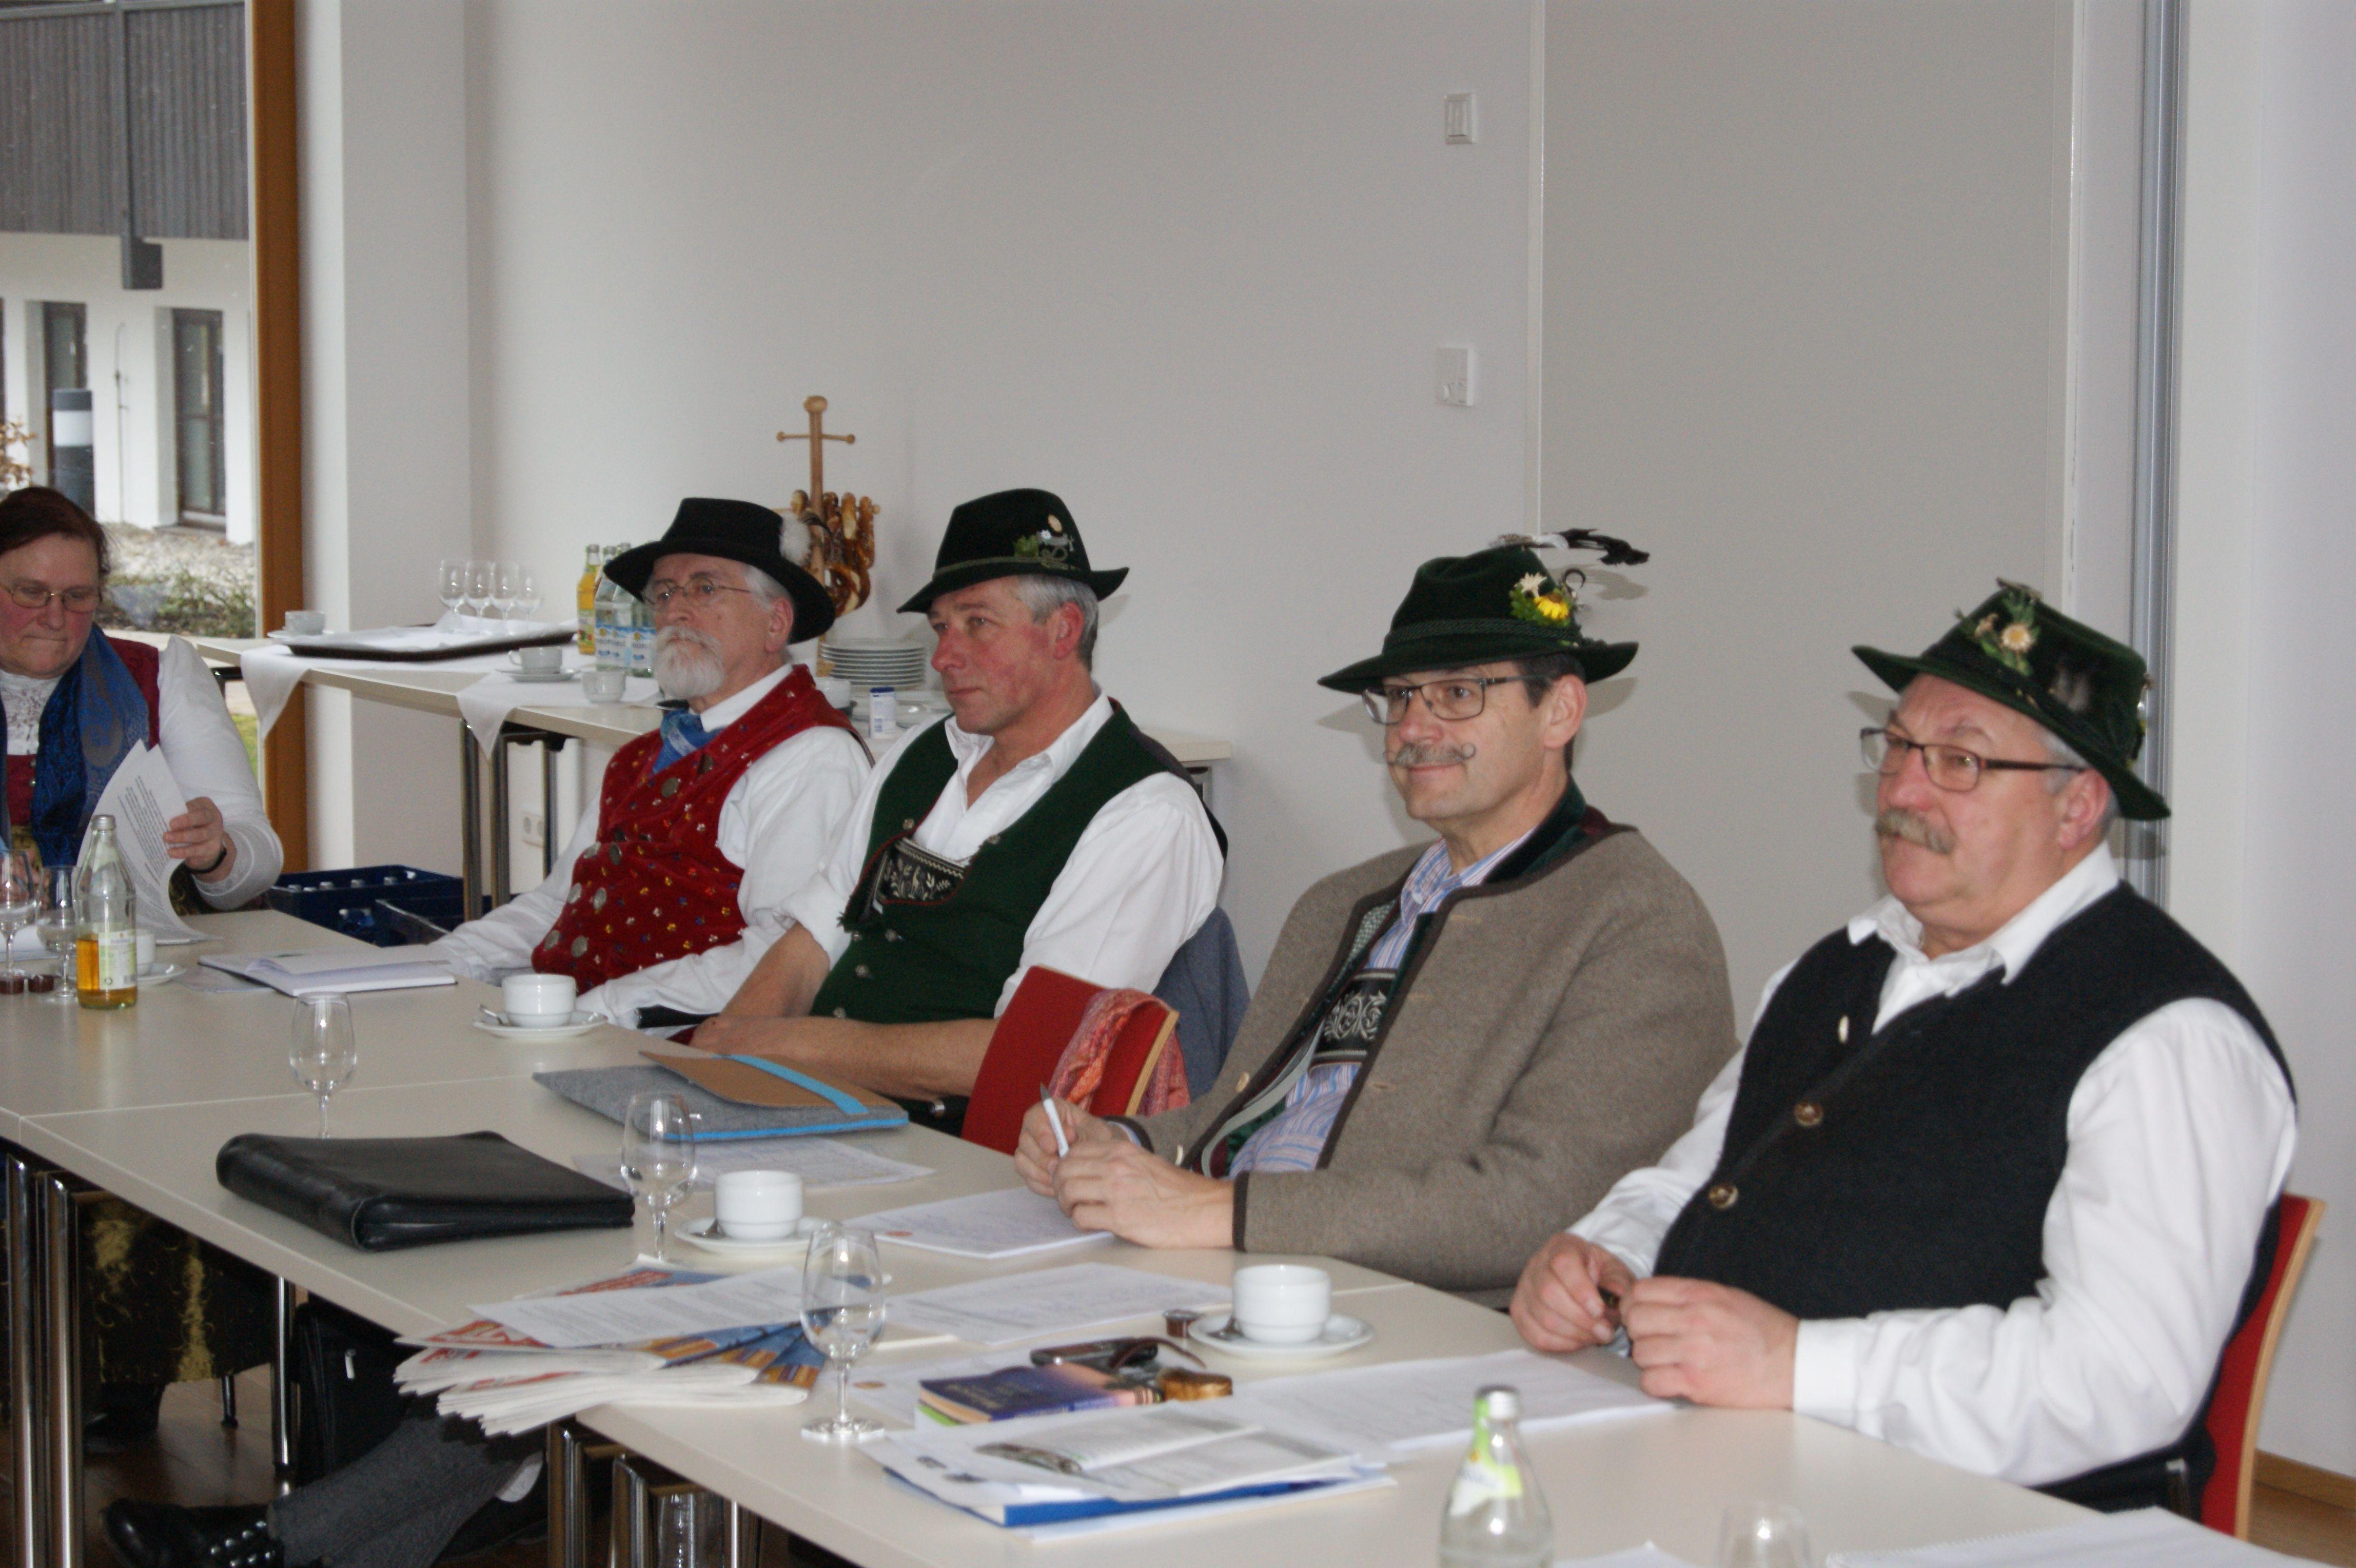 Der Sachausschuss tagt unter der Leitung von Walter Sirch (rechts)